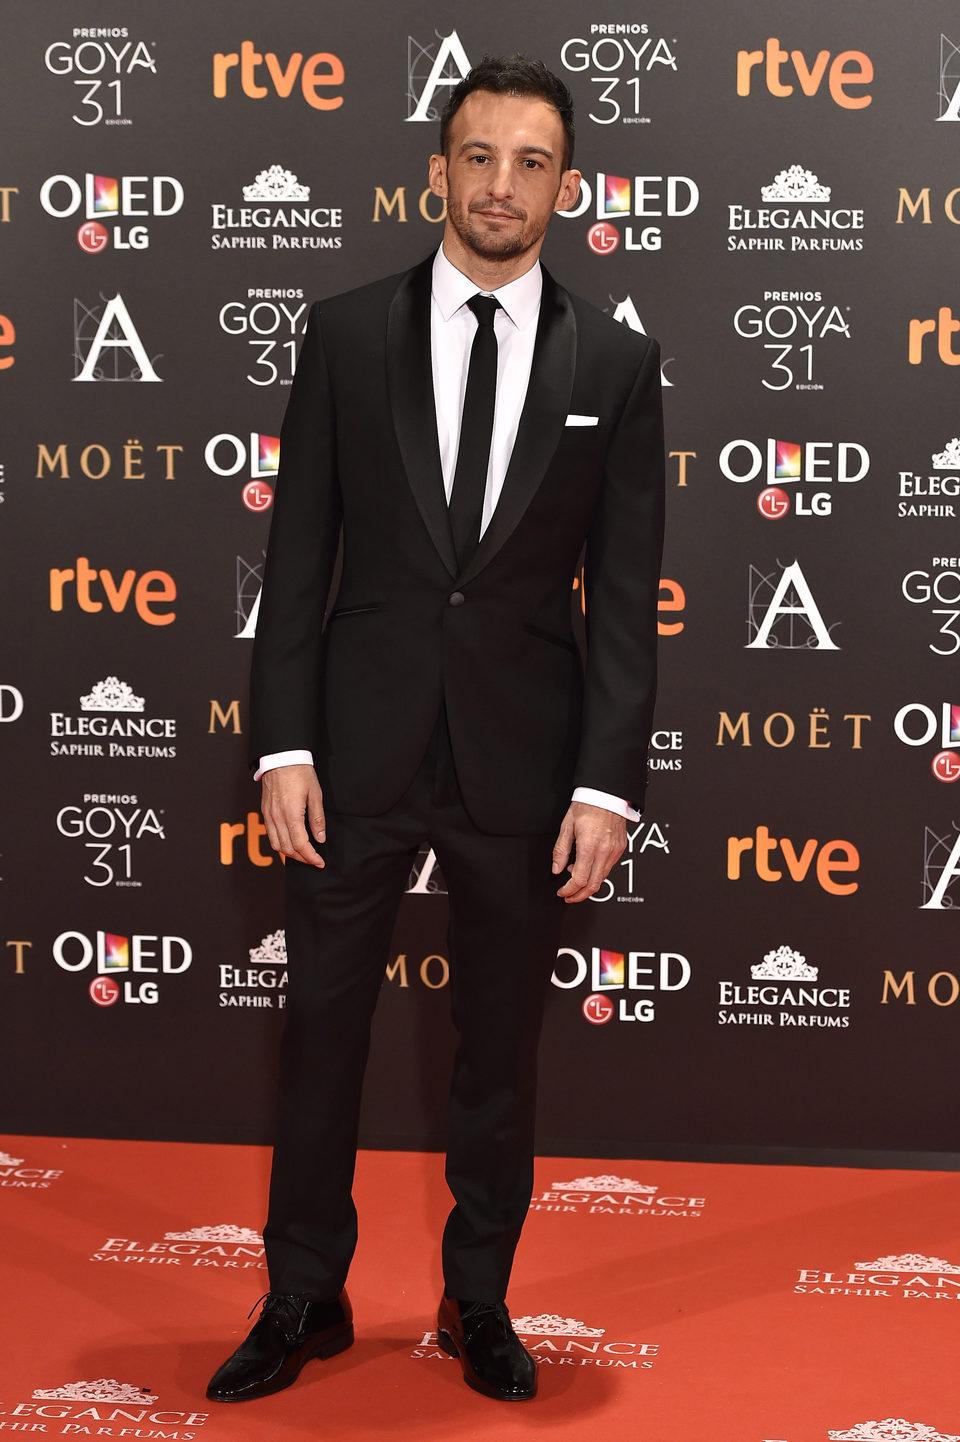 El director Alejandro Amenábar en la alfombra roja de los premios Goya 2017